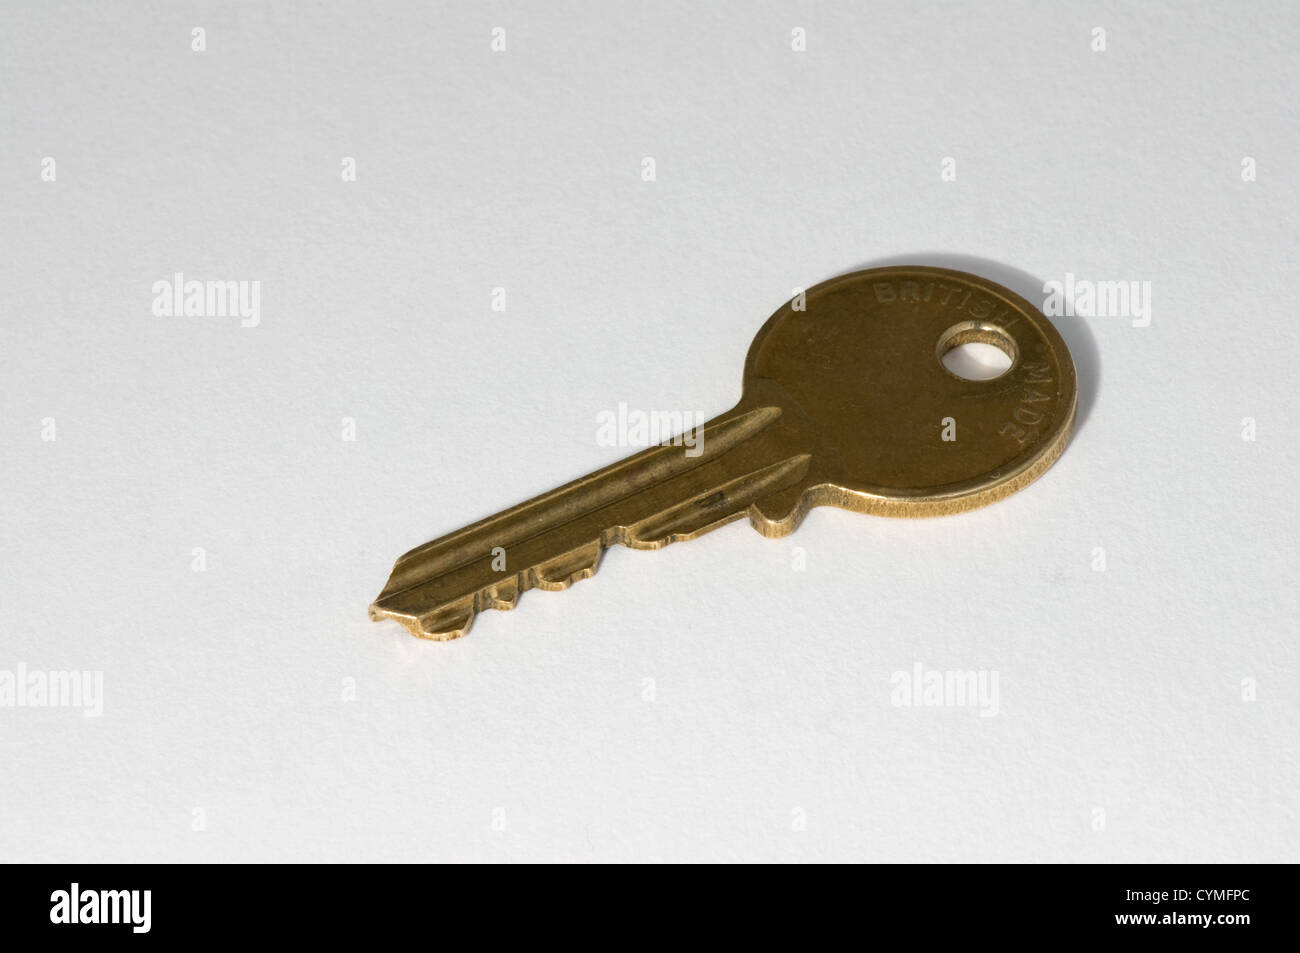 Brass coloured door key - Stock Image